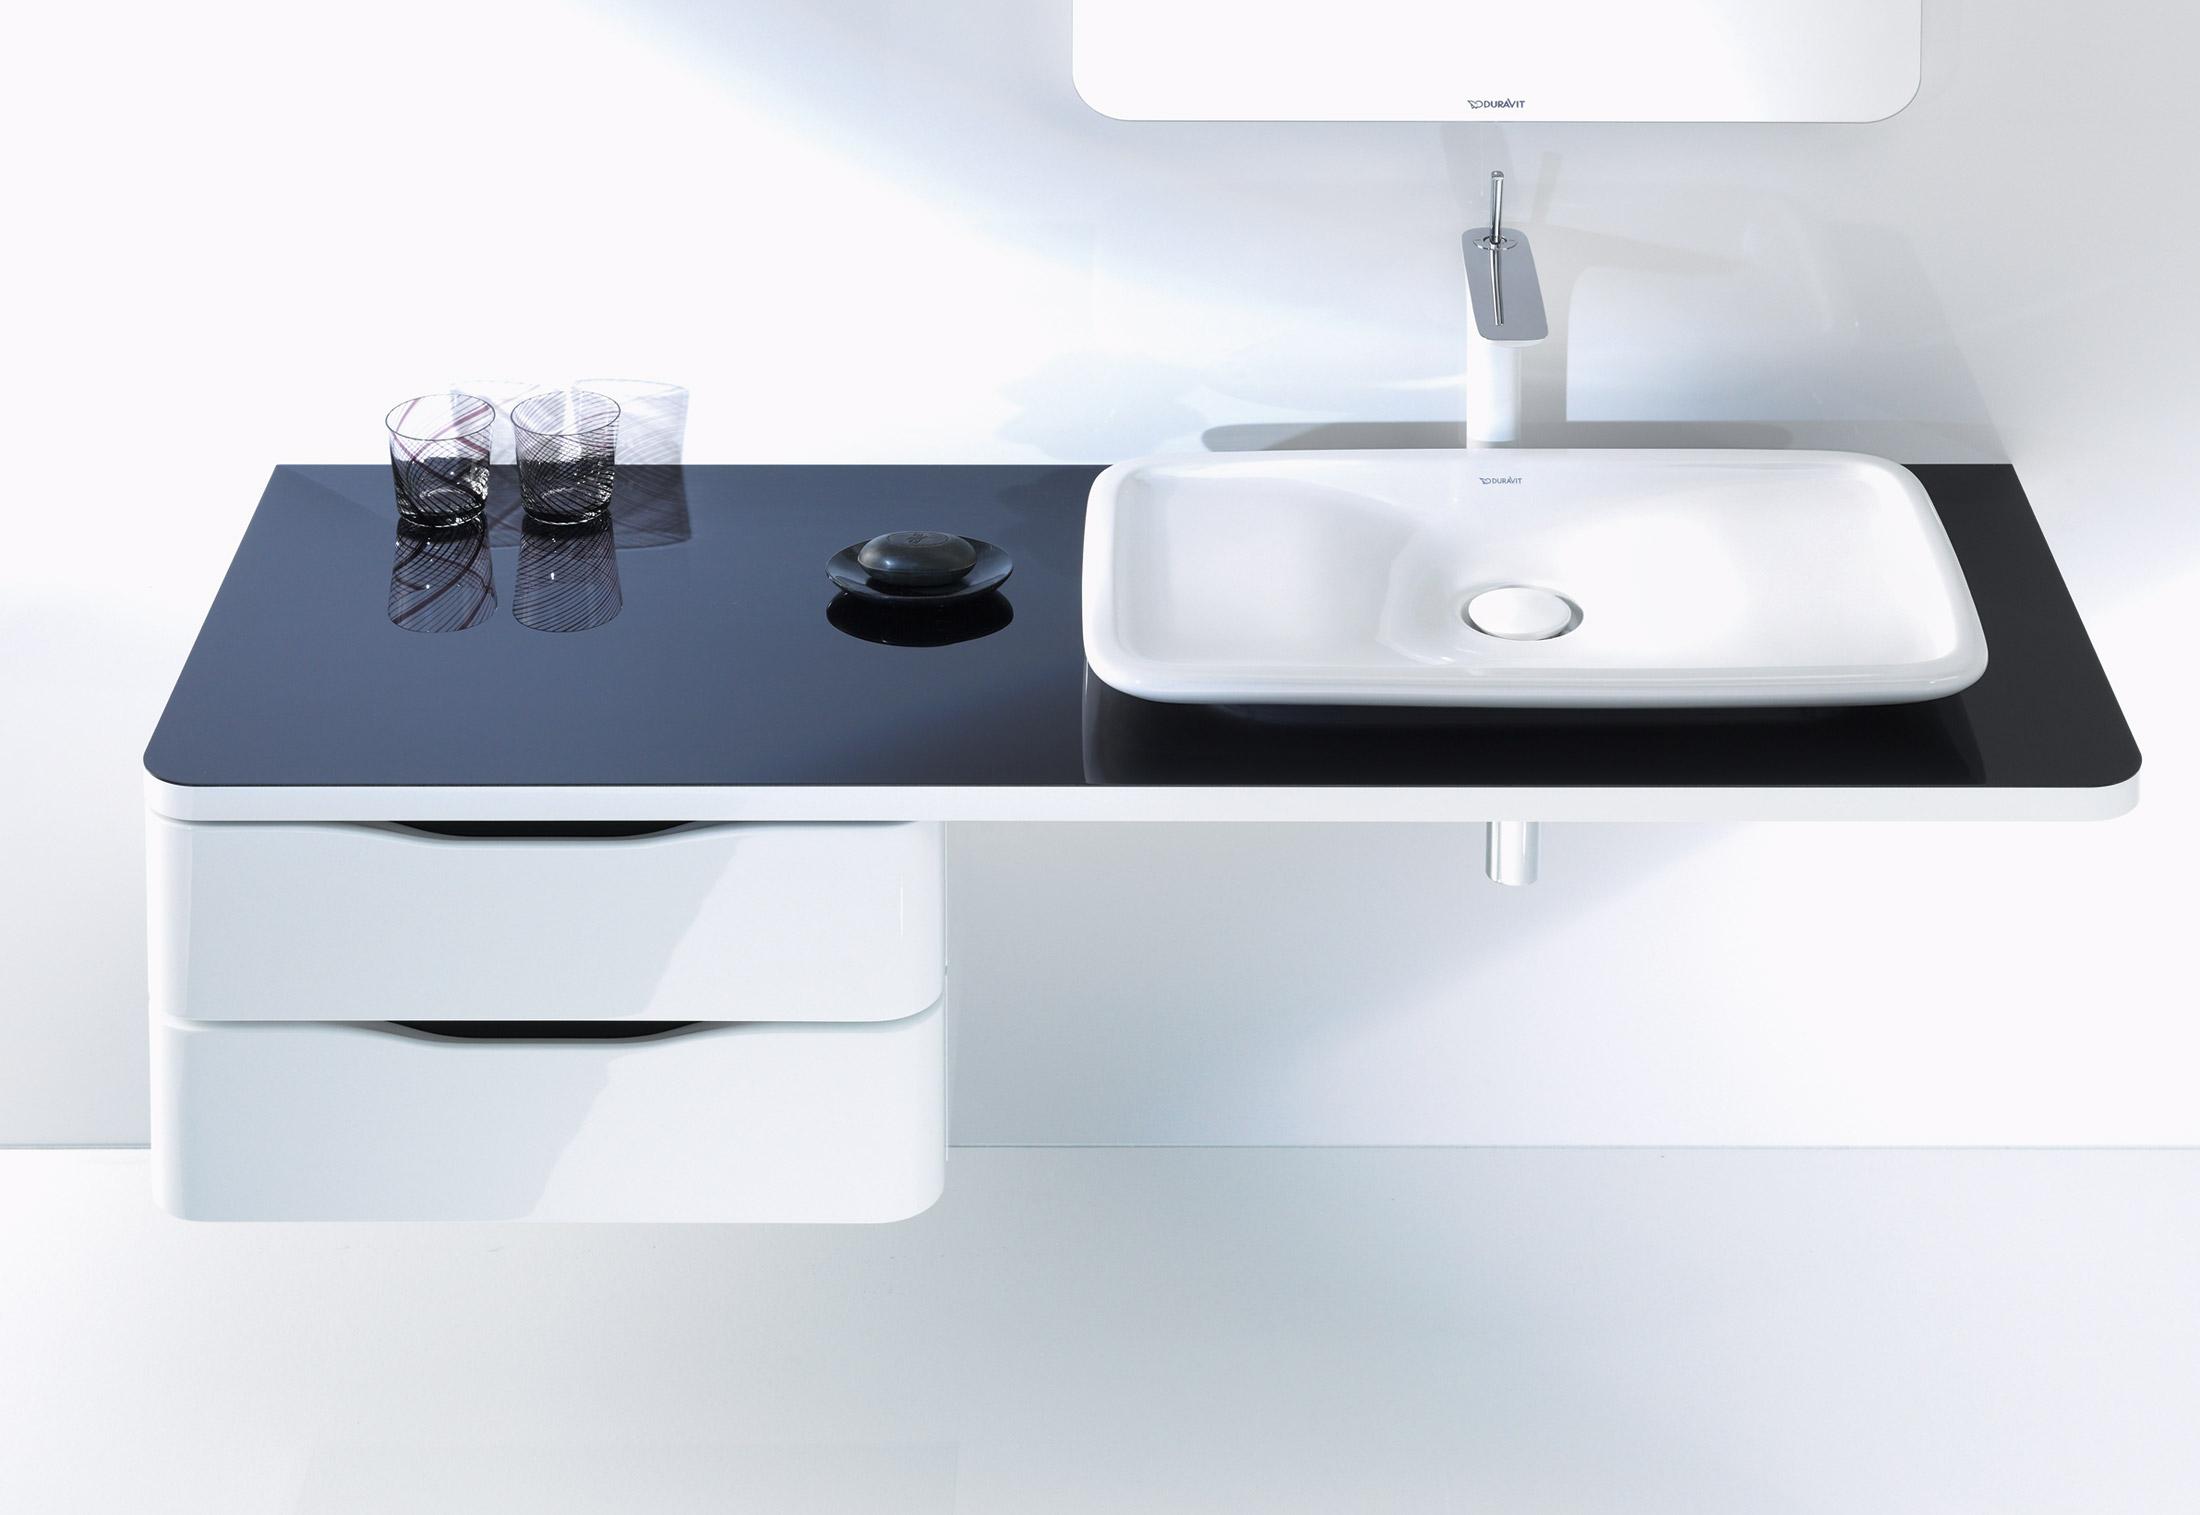 PuraVida washbasin by Duravit | STYLEPARK